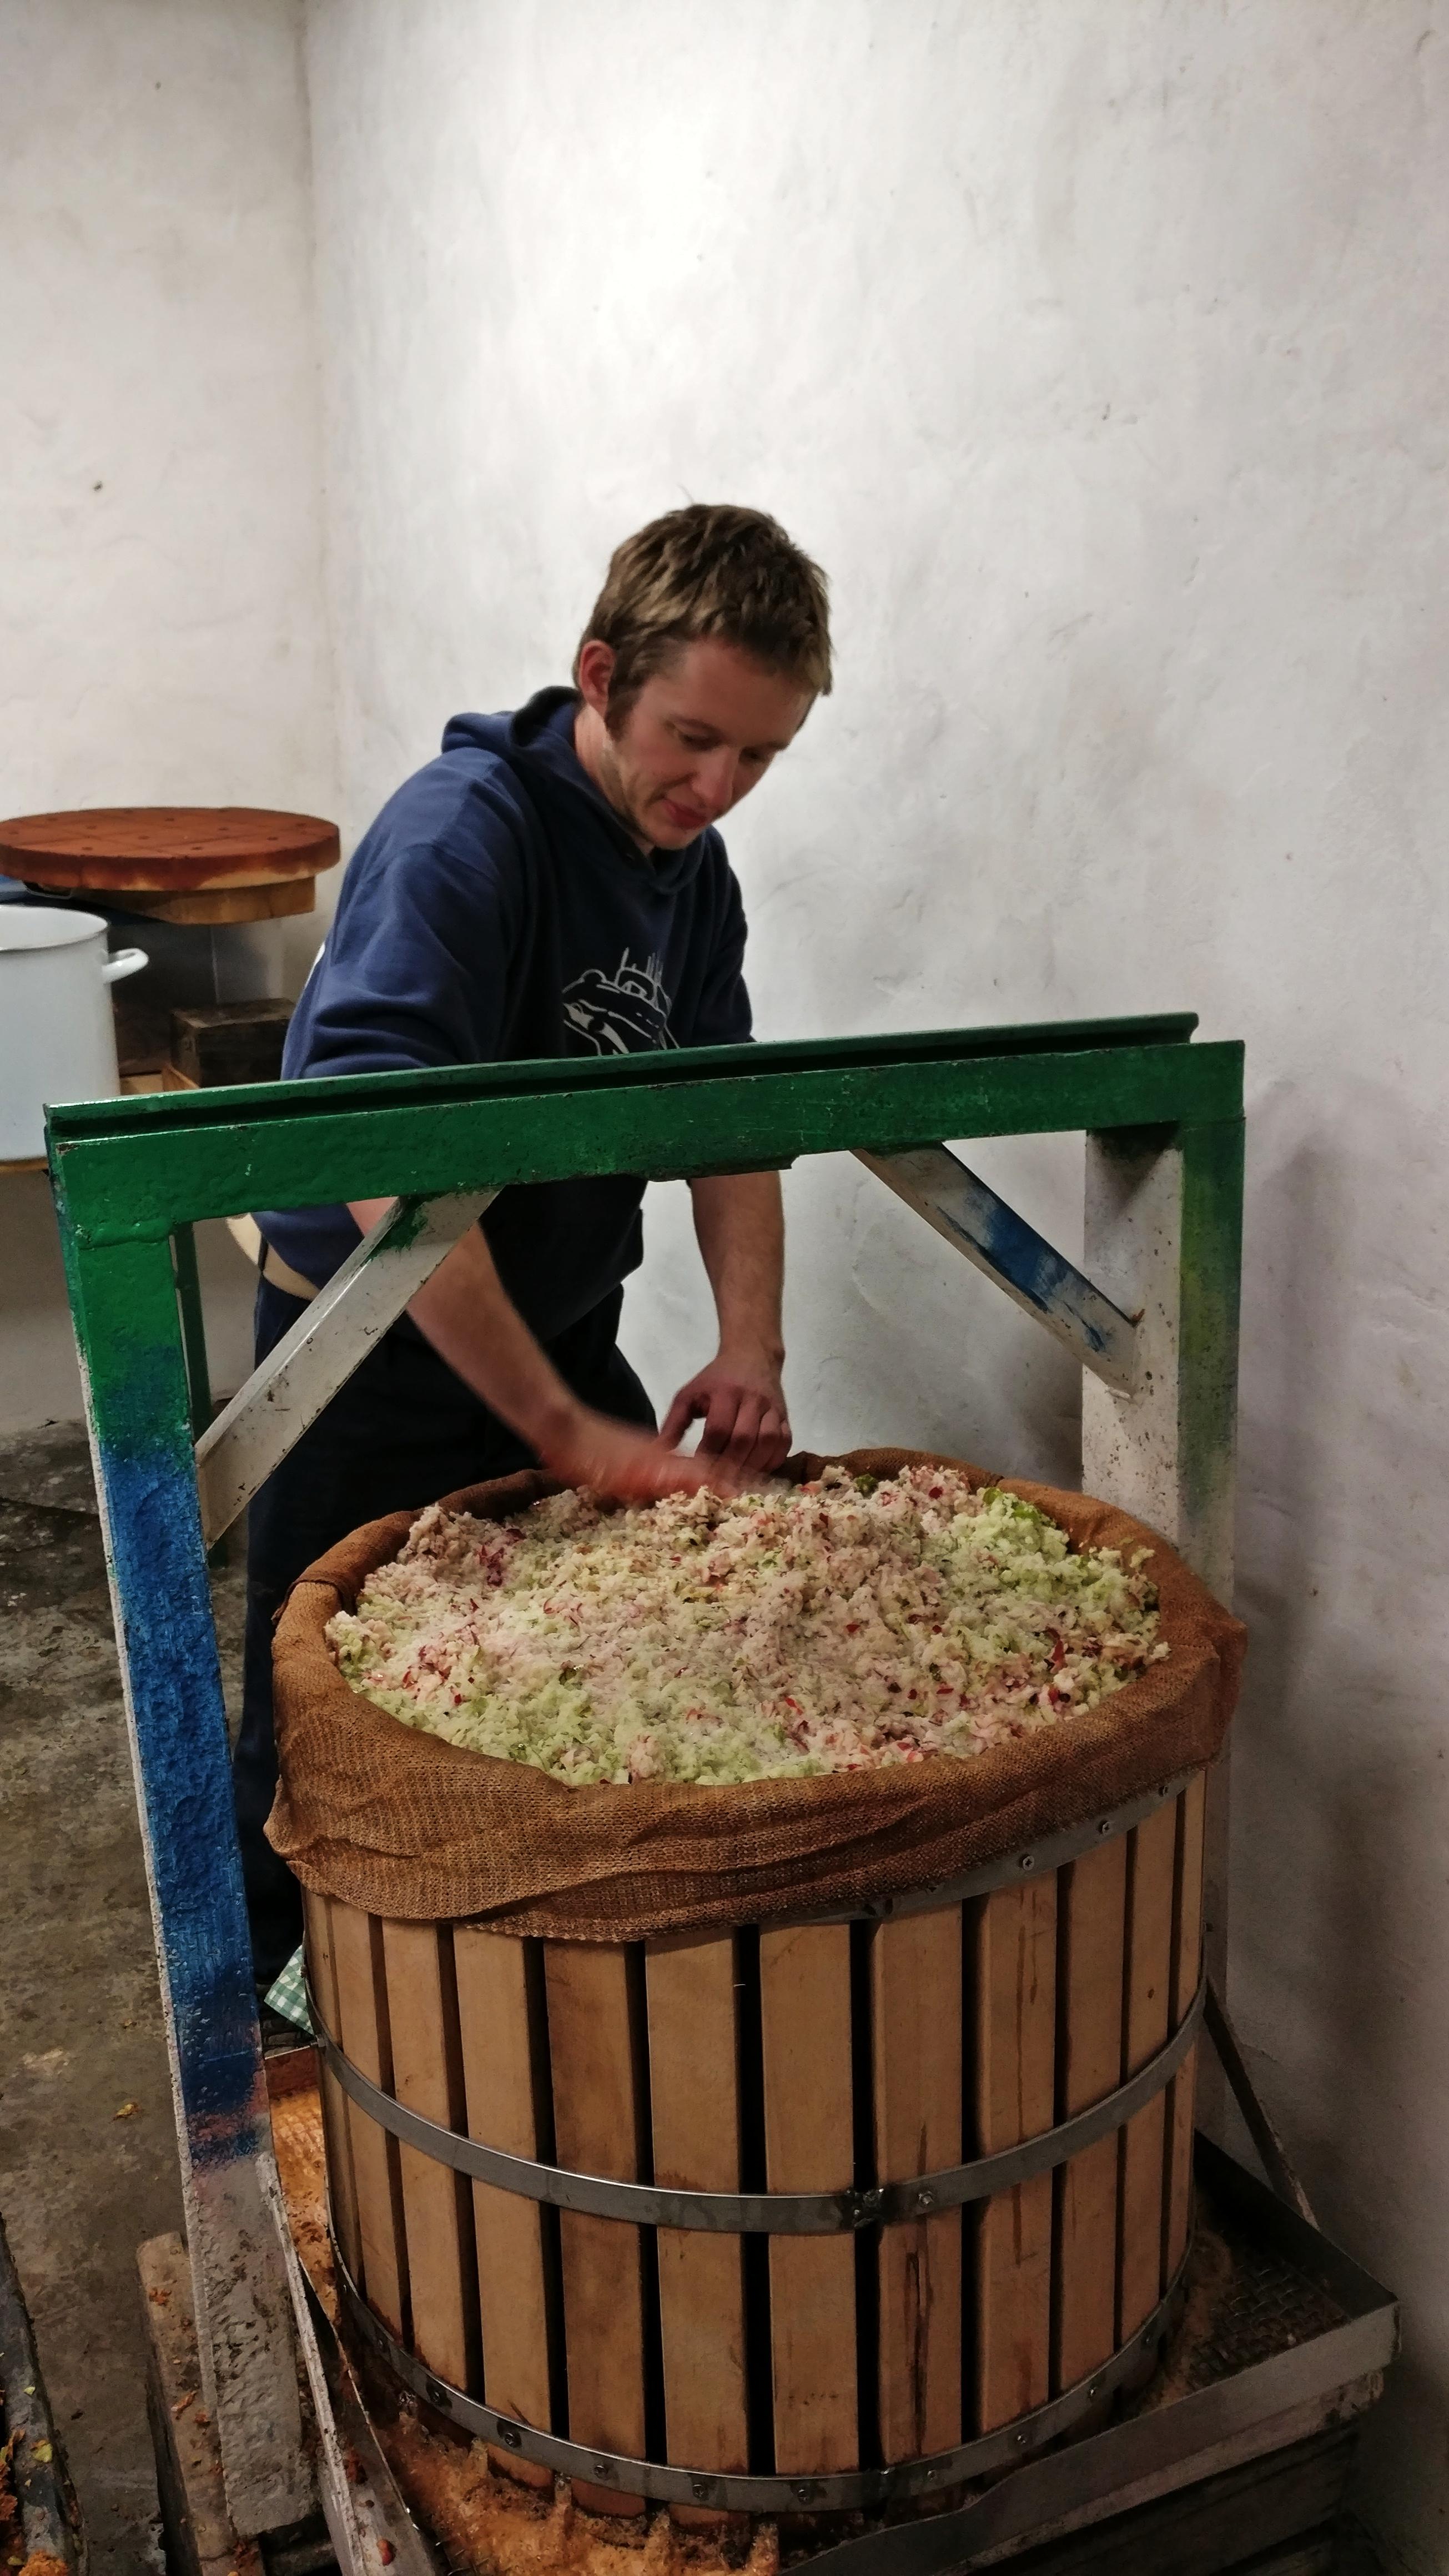 De oude pers voor appelsap wordt gevuld